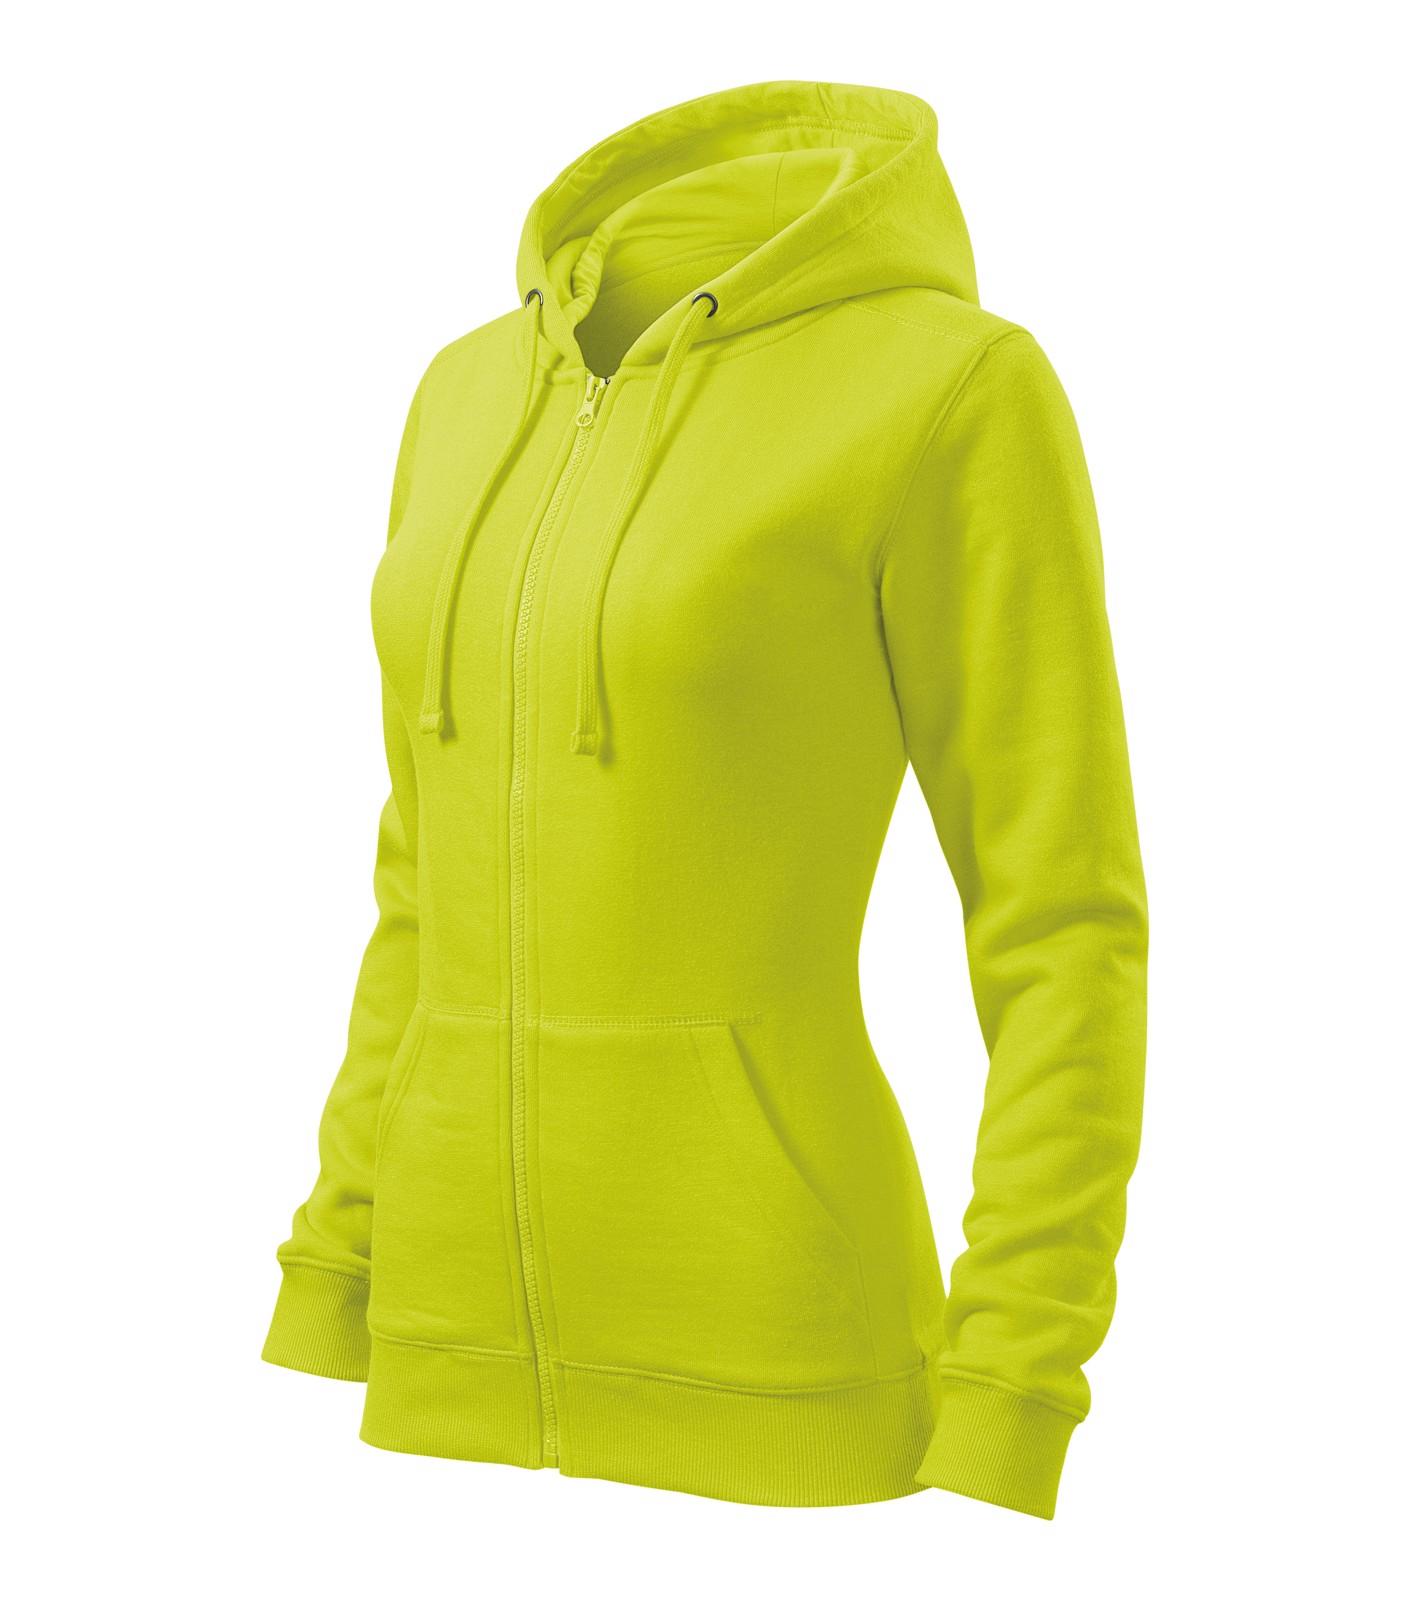 Sweatshirt women's Malfini Trendy Zipper - Lime Punch / L